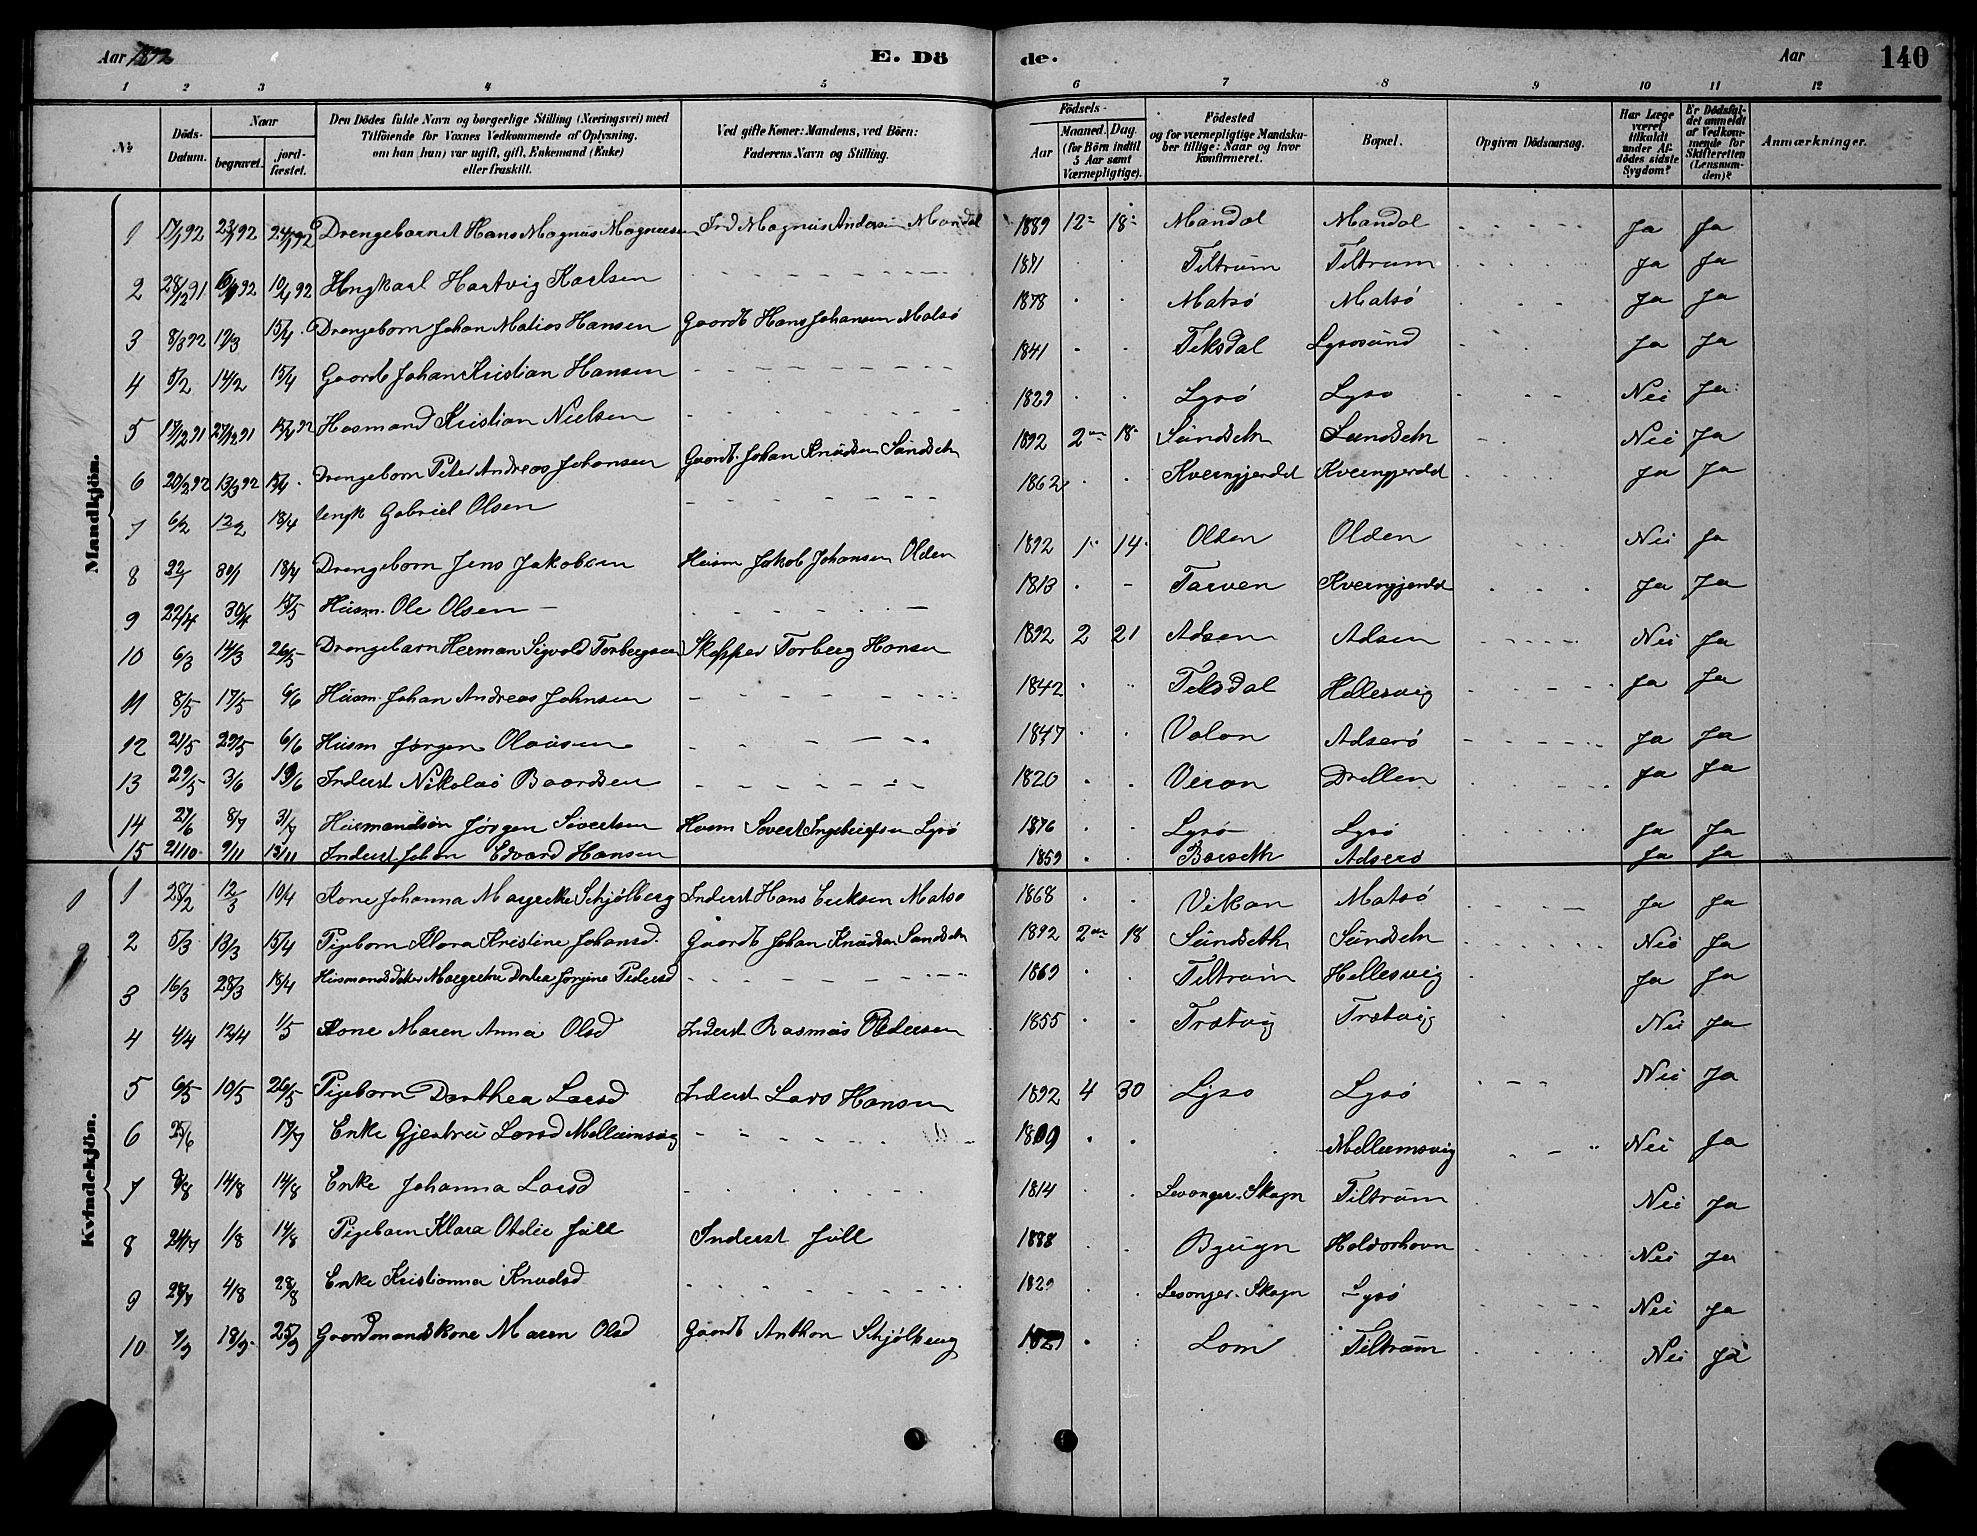 SAT, Ministerialprotokoller, klokkerbøker og fødselsregistre - Sør-Trøndelag, 654/L0665: Klokkerbok nr. 654C01, 1879-1901, s. 140